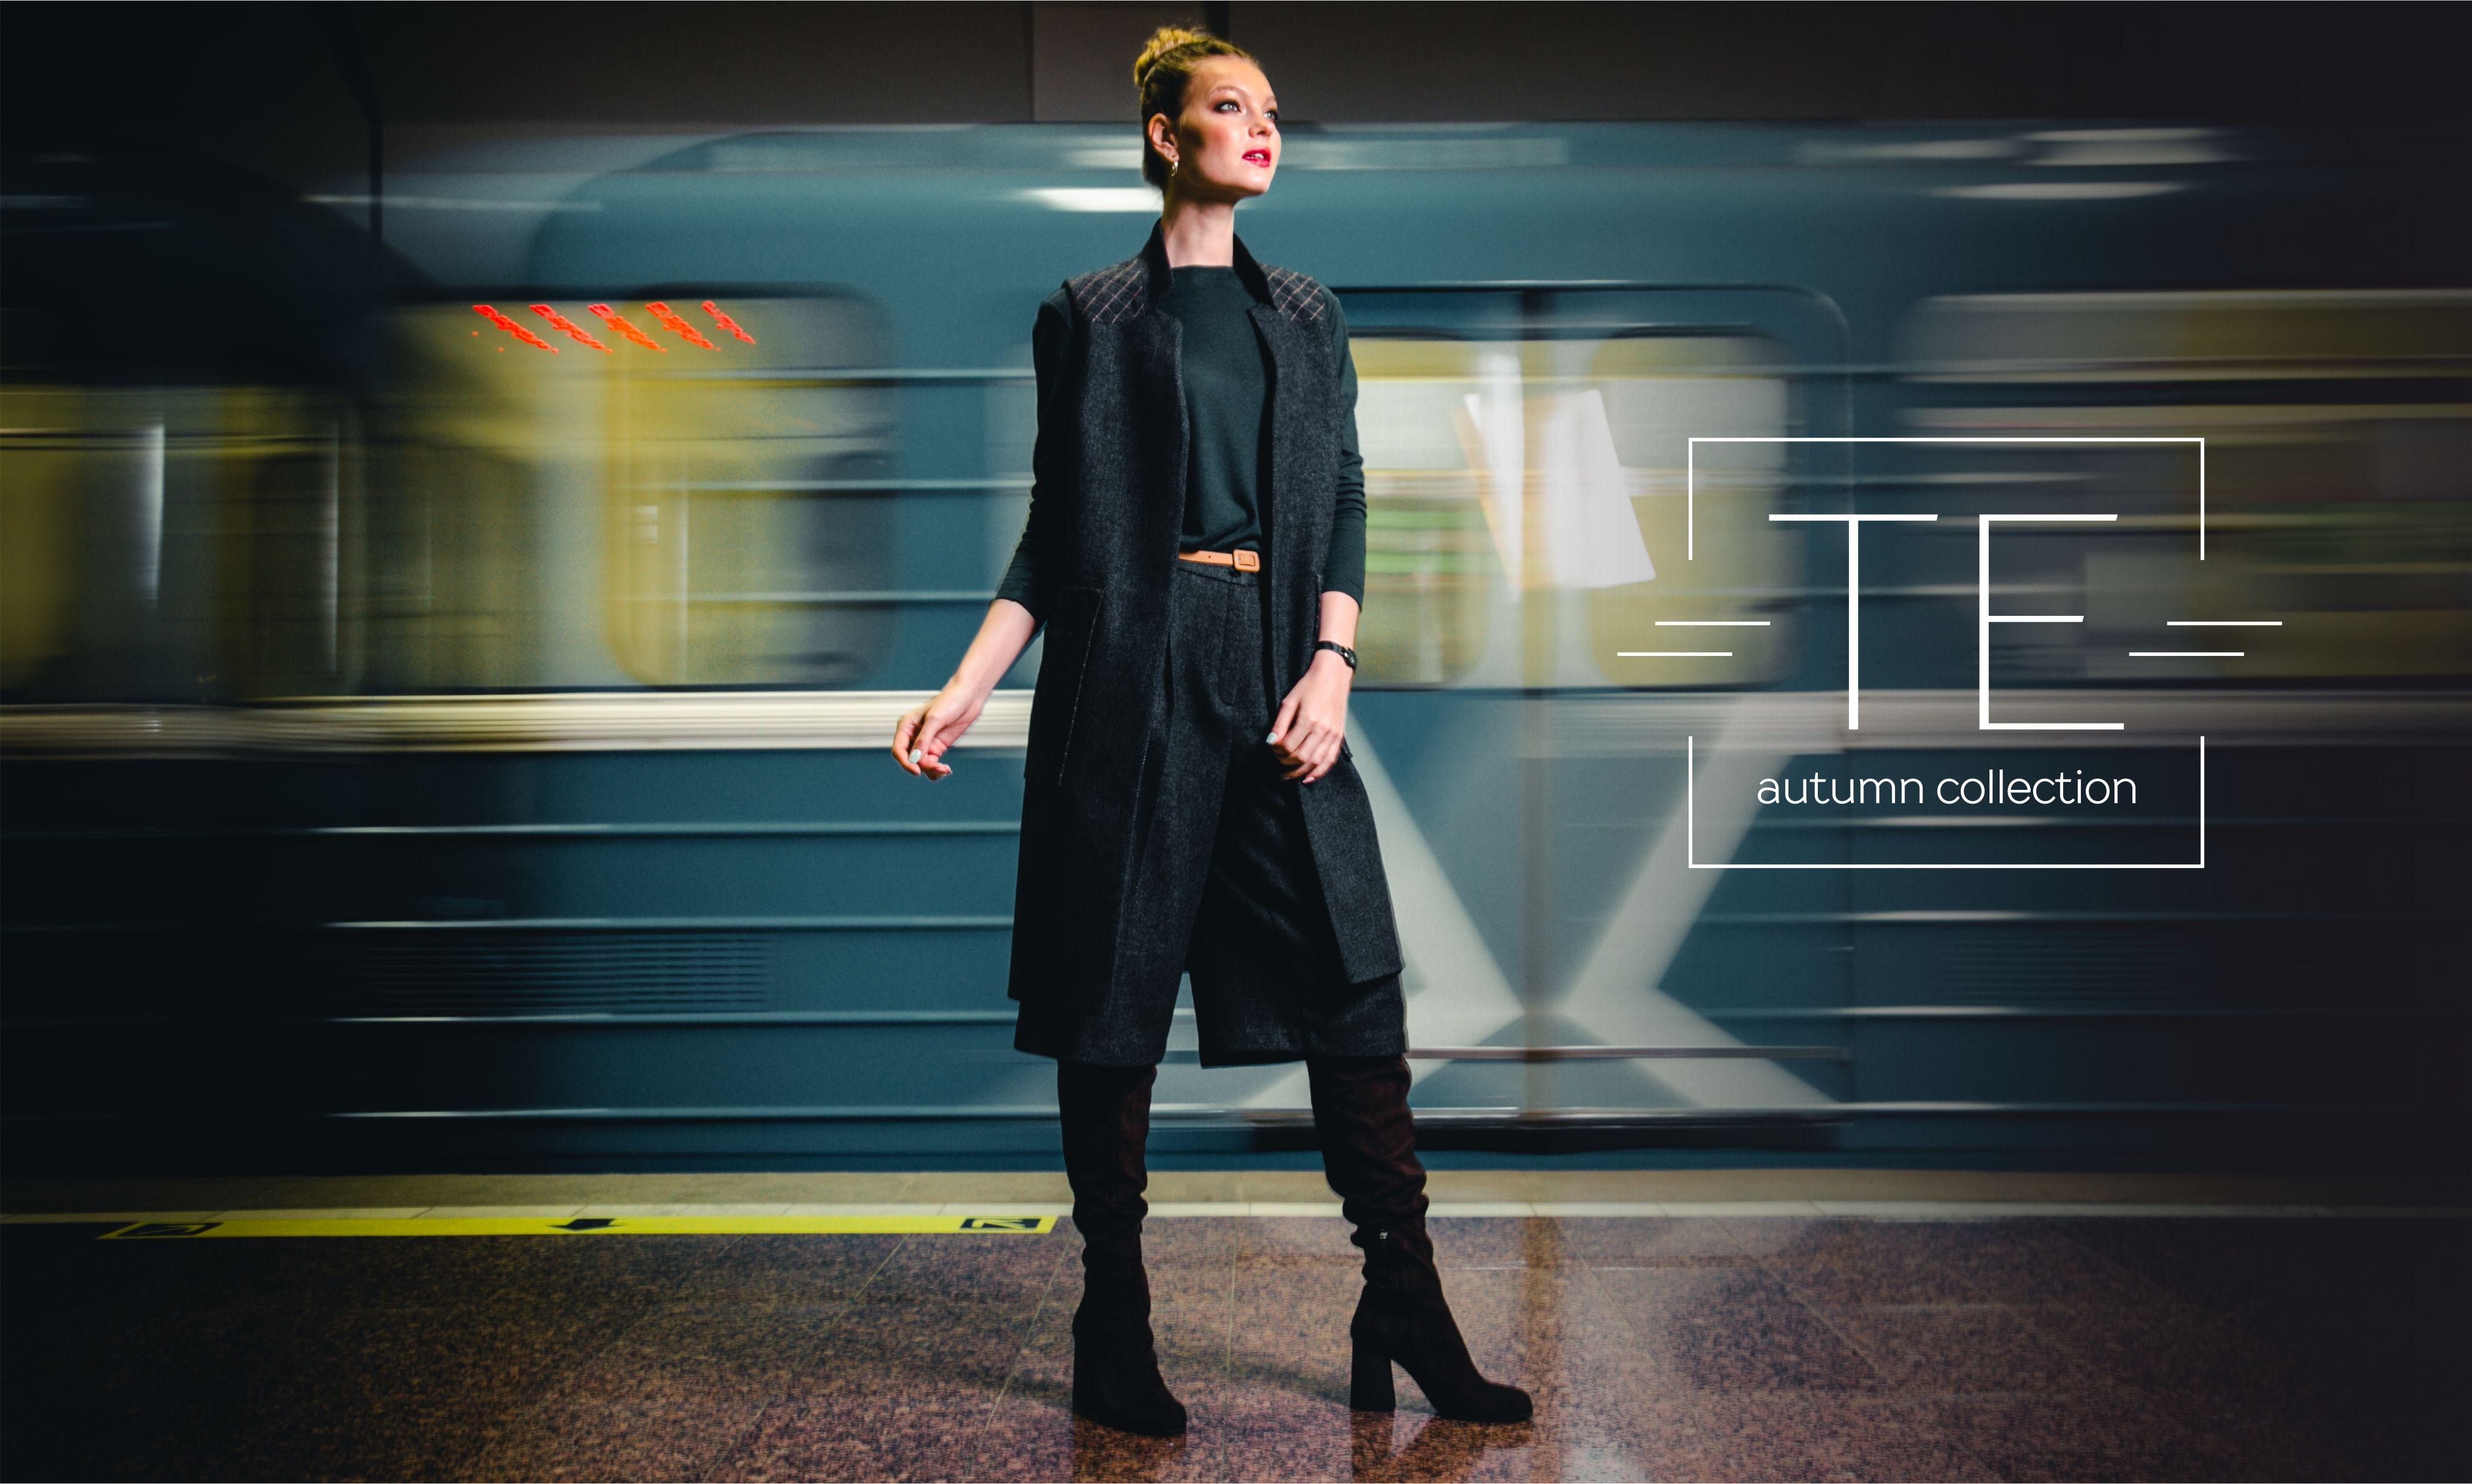 e115ad75c Новая коллекция осень-зима 2019 торговой марки STILLA несомненно порадует  любителей городского стиля и не оставит равнодушными сторонников ярких ...